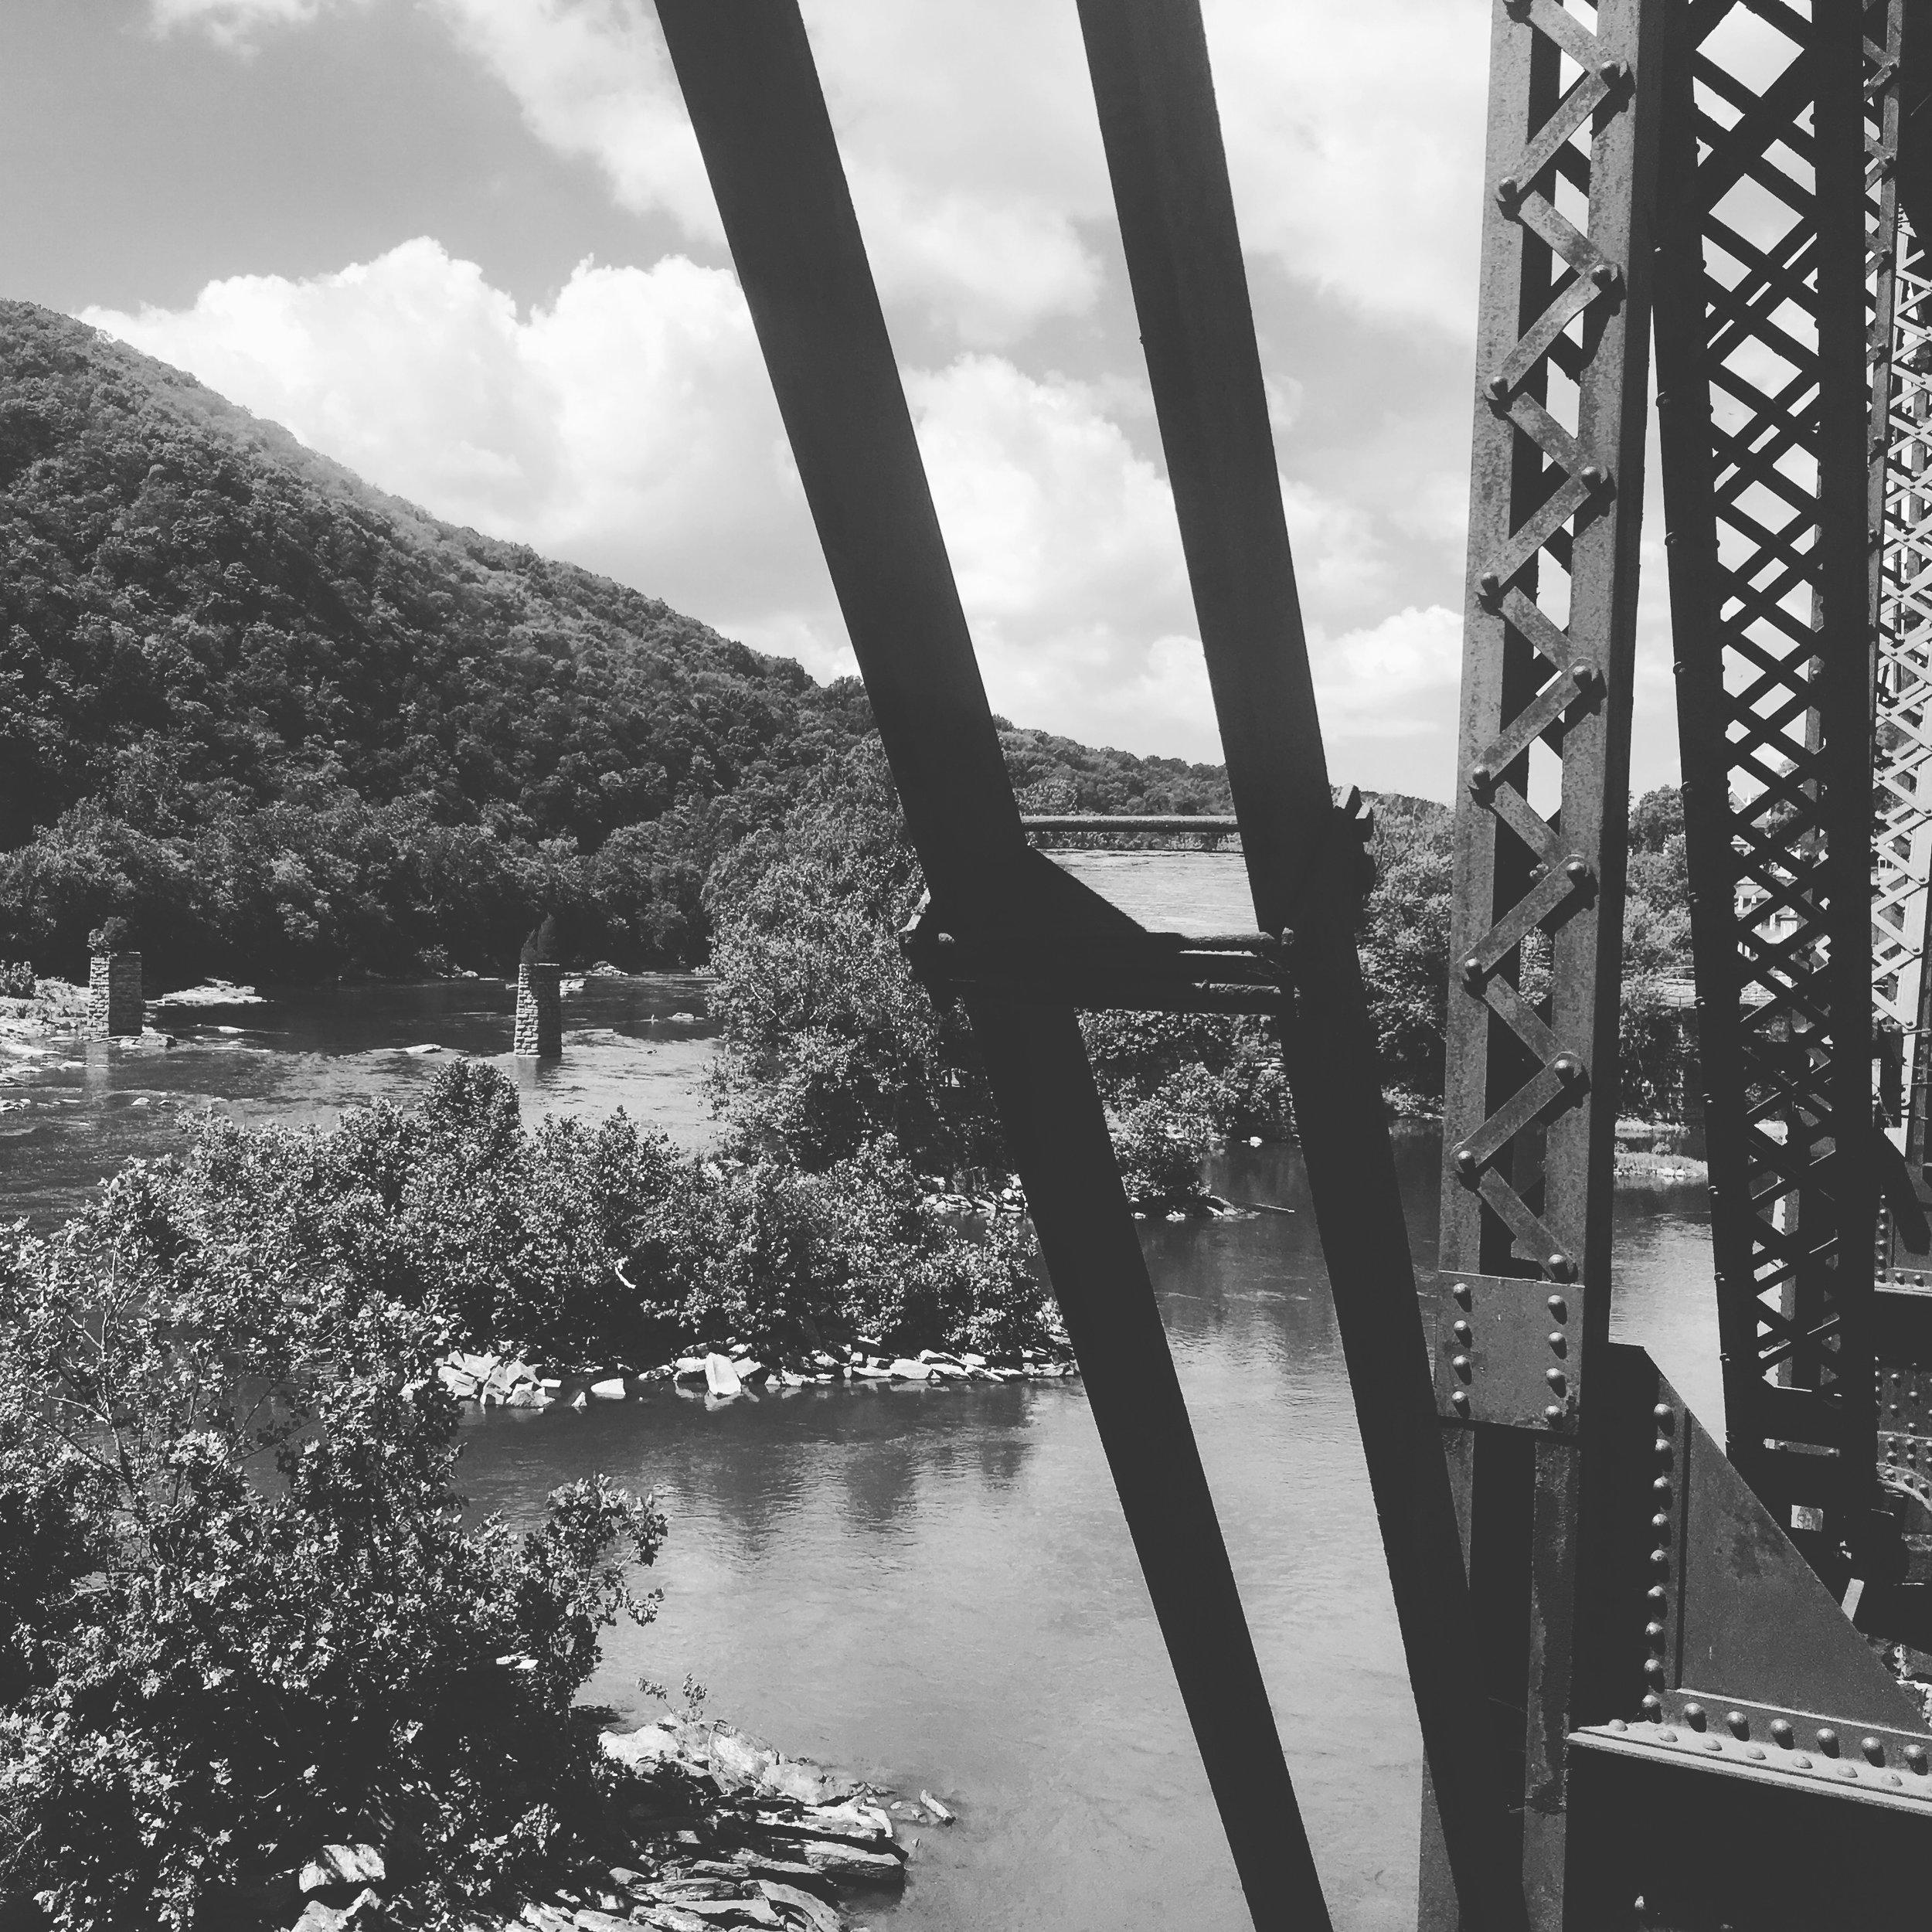 foot-bridge-harpers-ferry